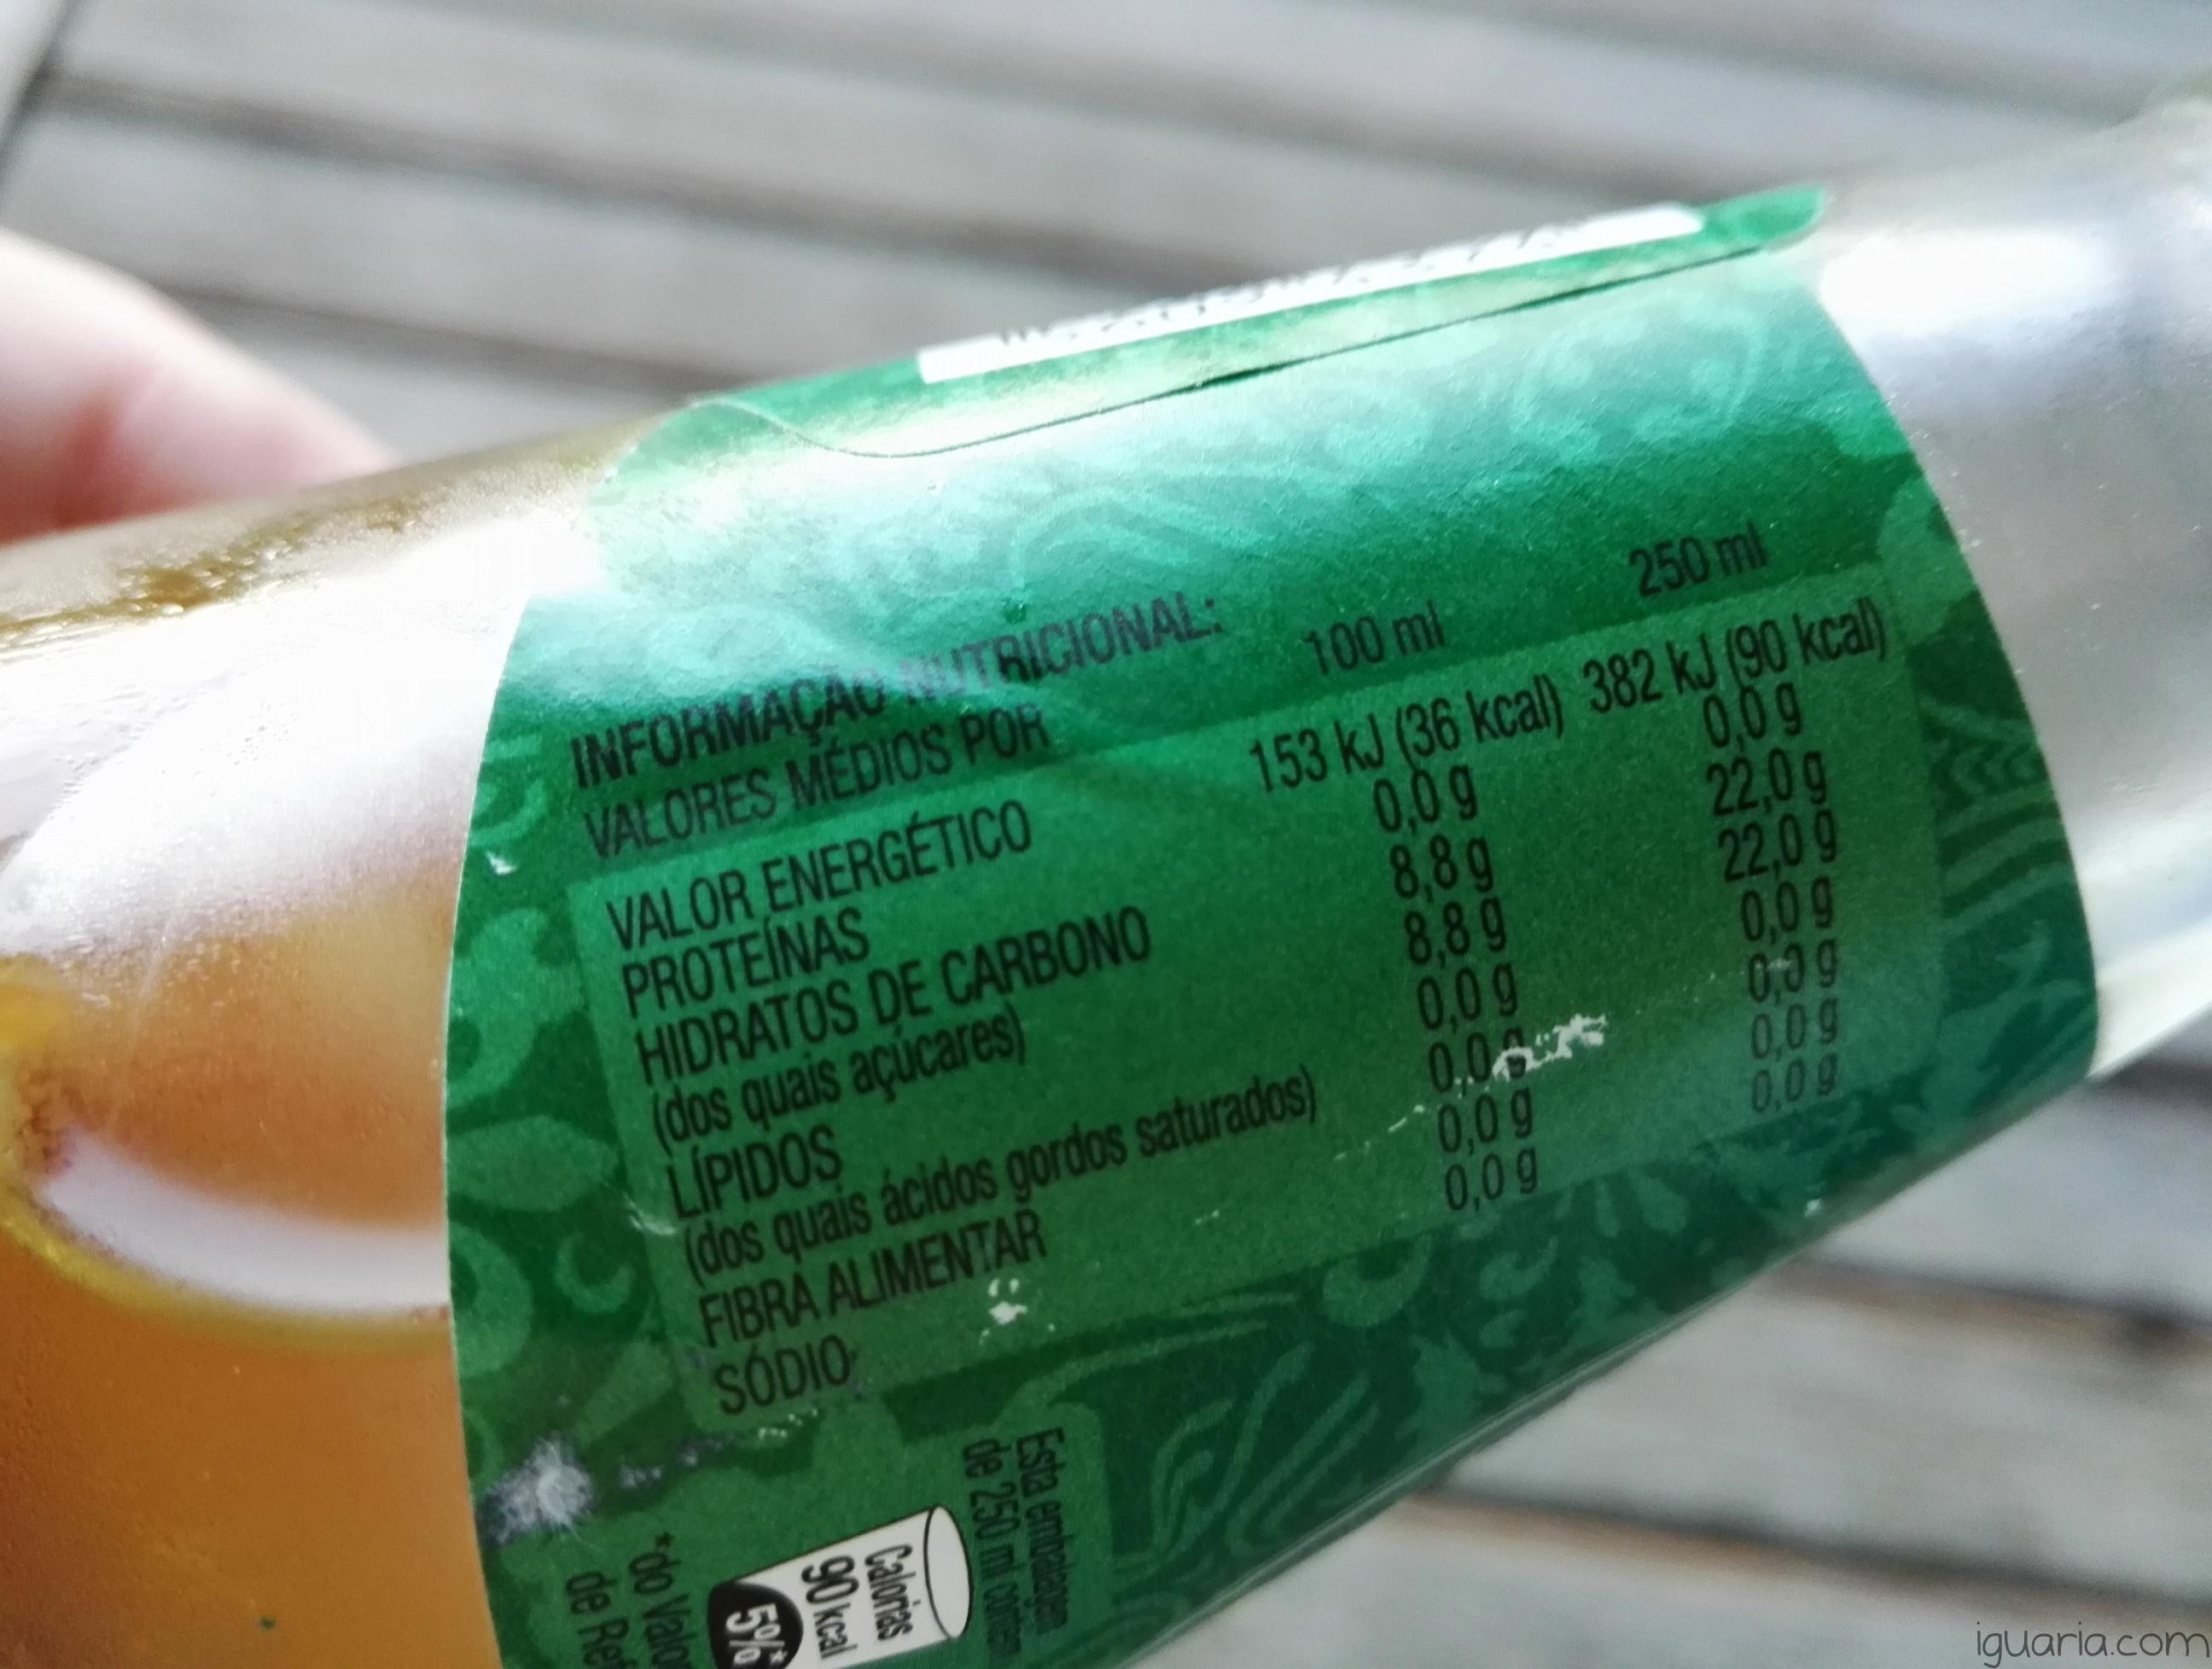 Iguaria_Legenda-Schweppes-Ginger-Ale